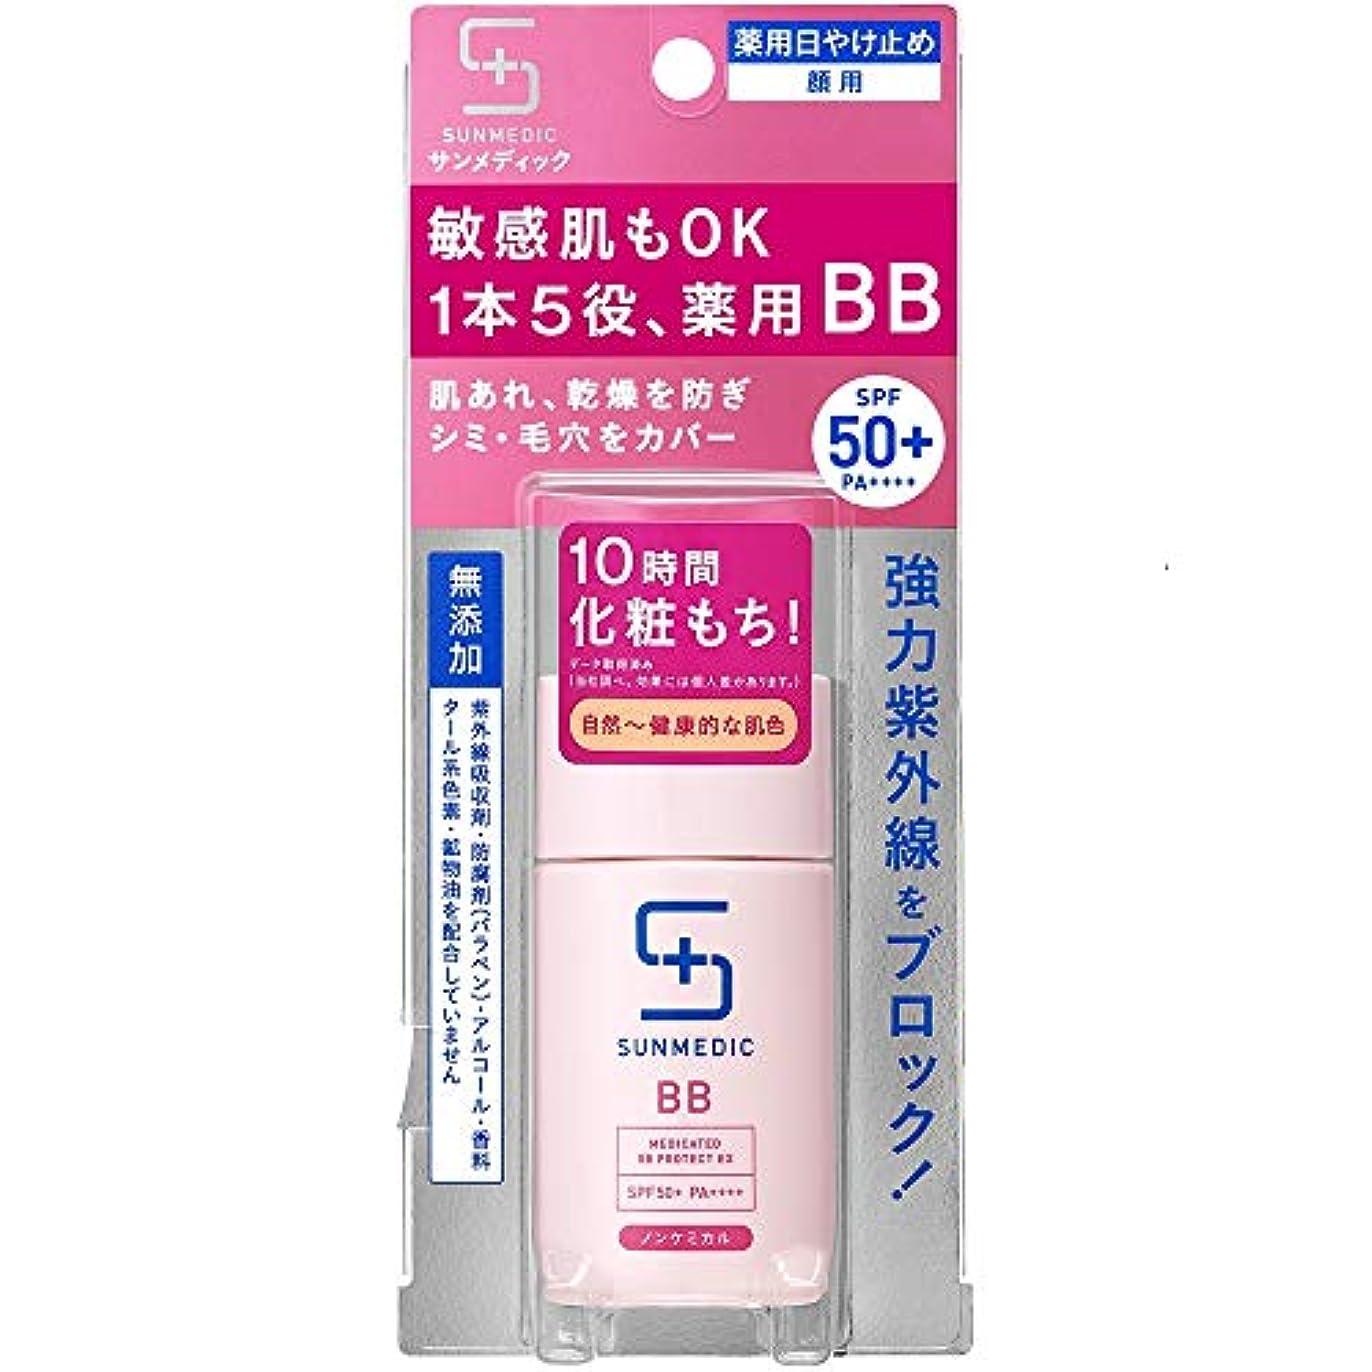 キー矩形仲介者サンメディックUV 薬用BBプロテクトEX ナチュラル 30ml (医薬部外品)